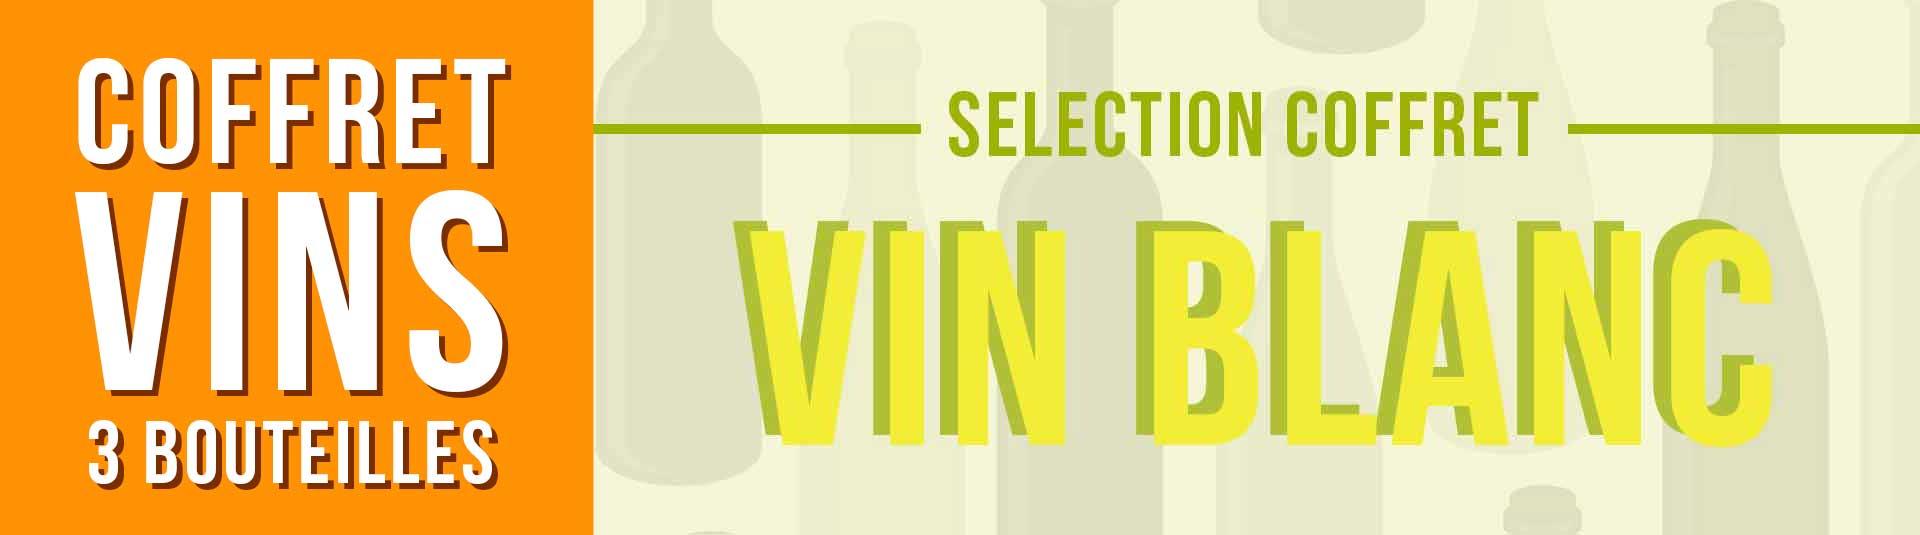 Coffret vin blanc Sélection 3 bouteilles